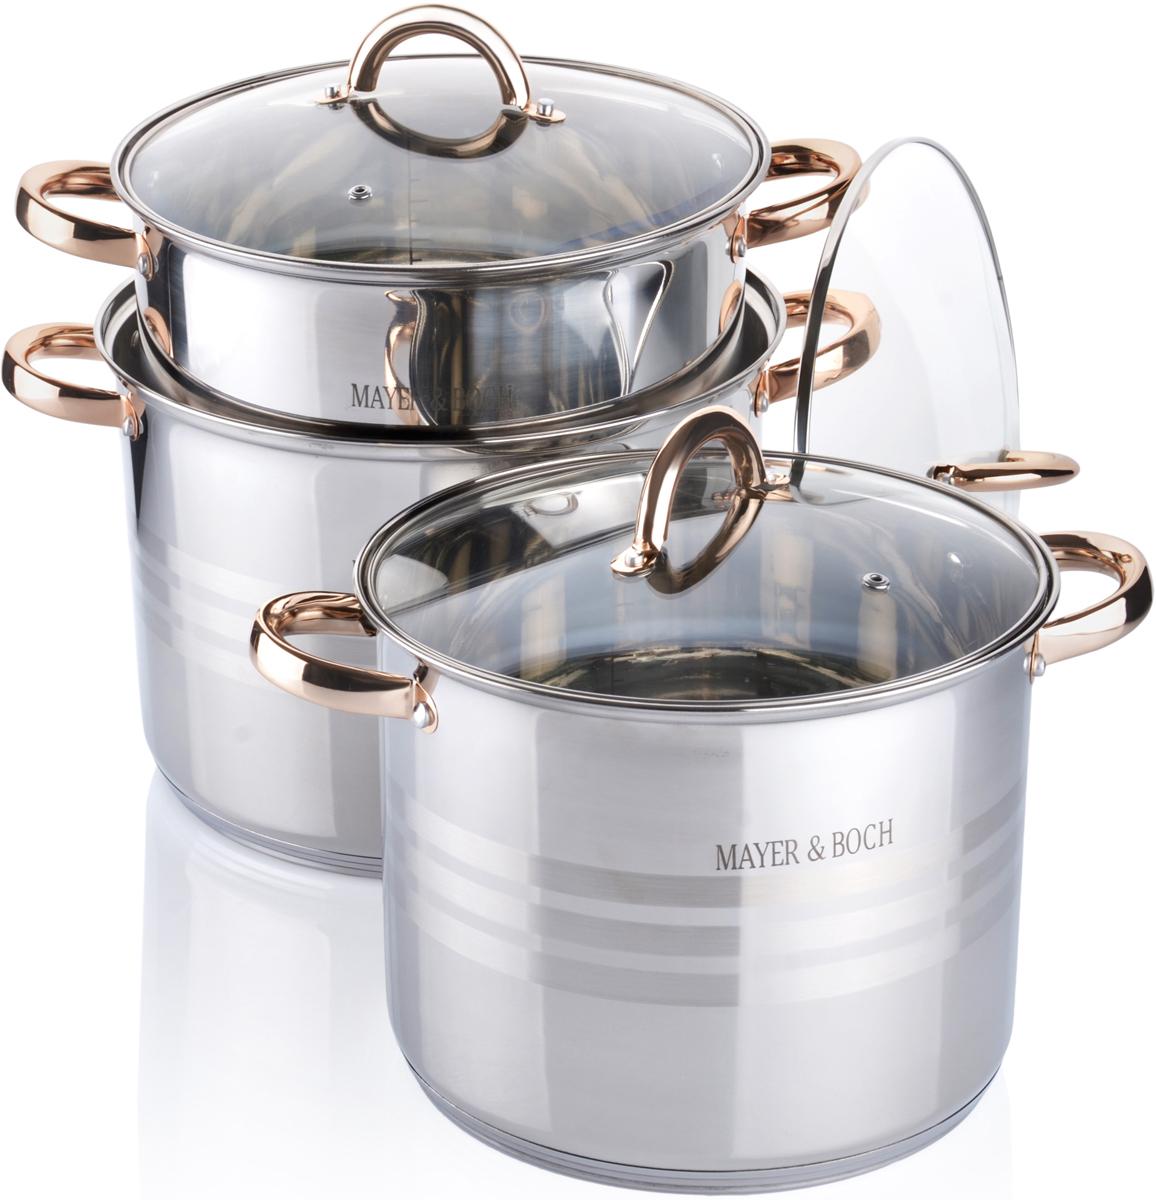 Набор посуды Mayer & Boch, 6 предметов. 26699 набор посуды mayer